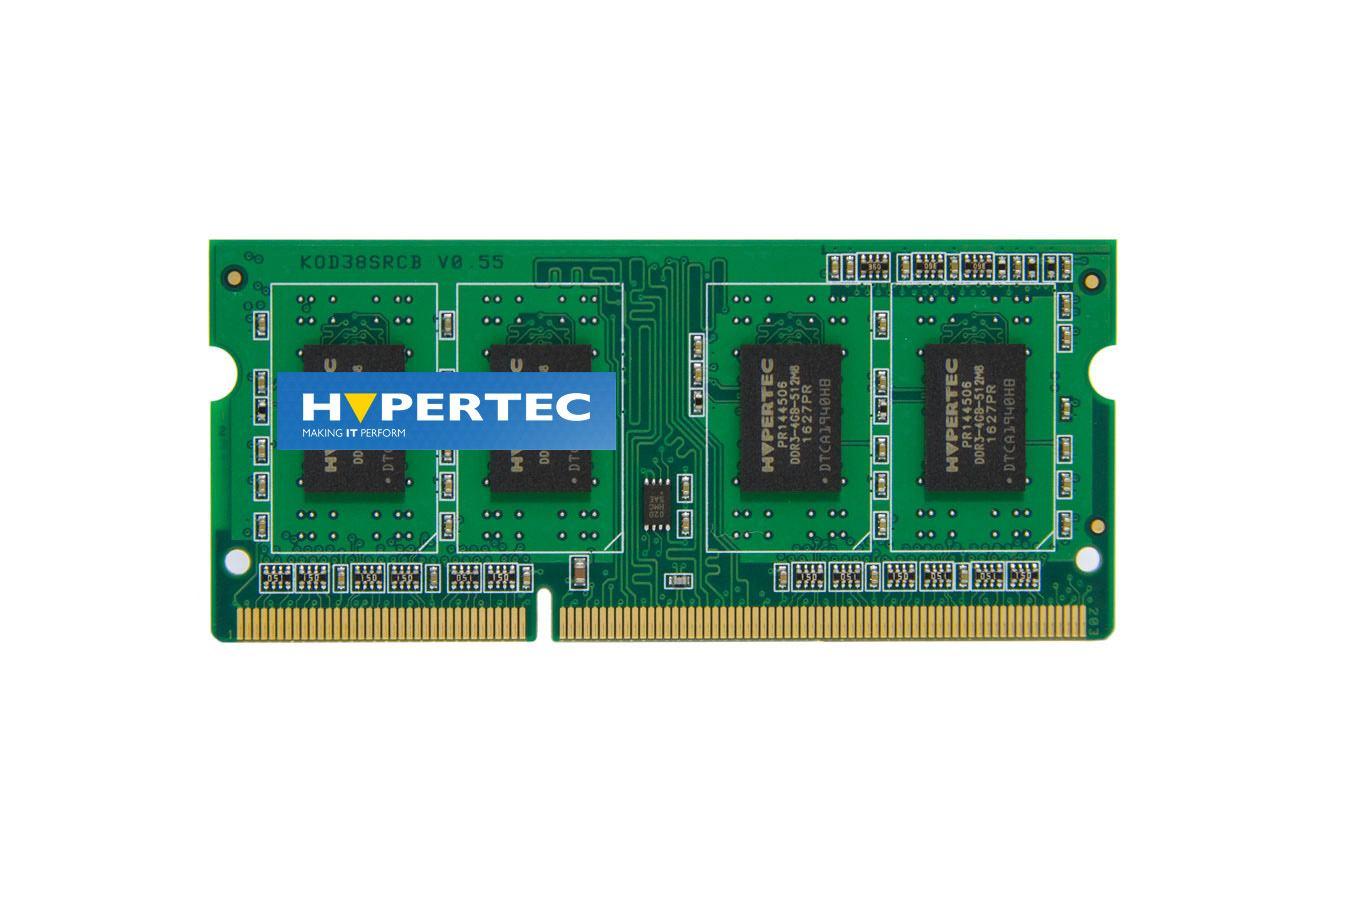 2061337-Hypertec-KN-2GB04-015-HY-memoria-2-GB-DDR3-1066-MHz-An-Acer-Hypertec-Le